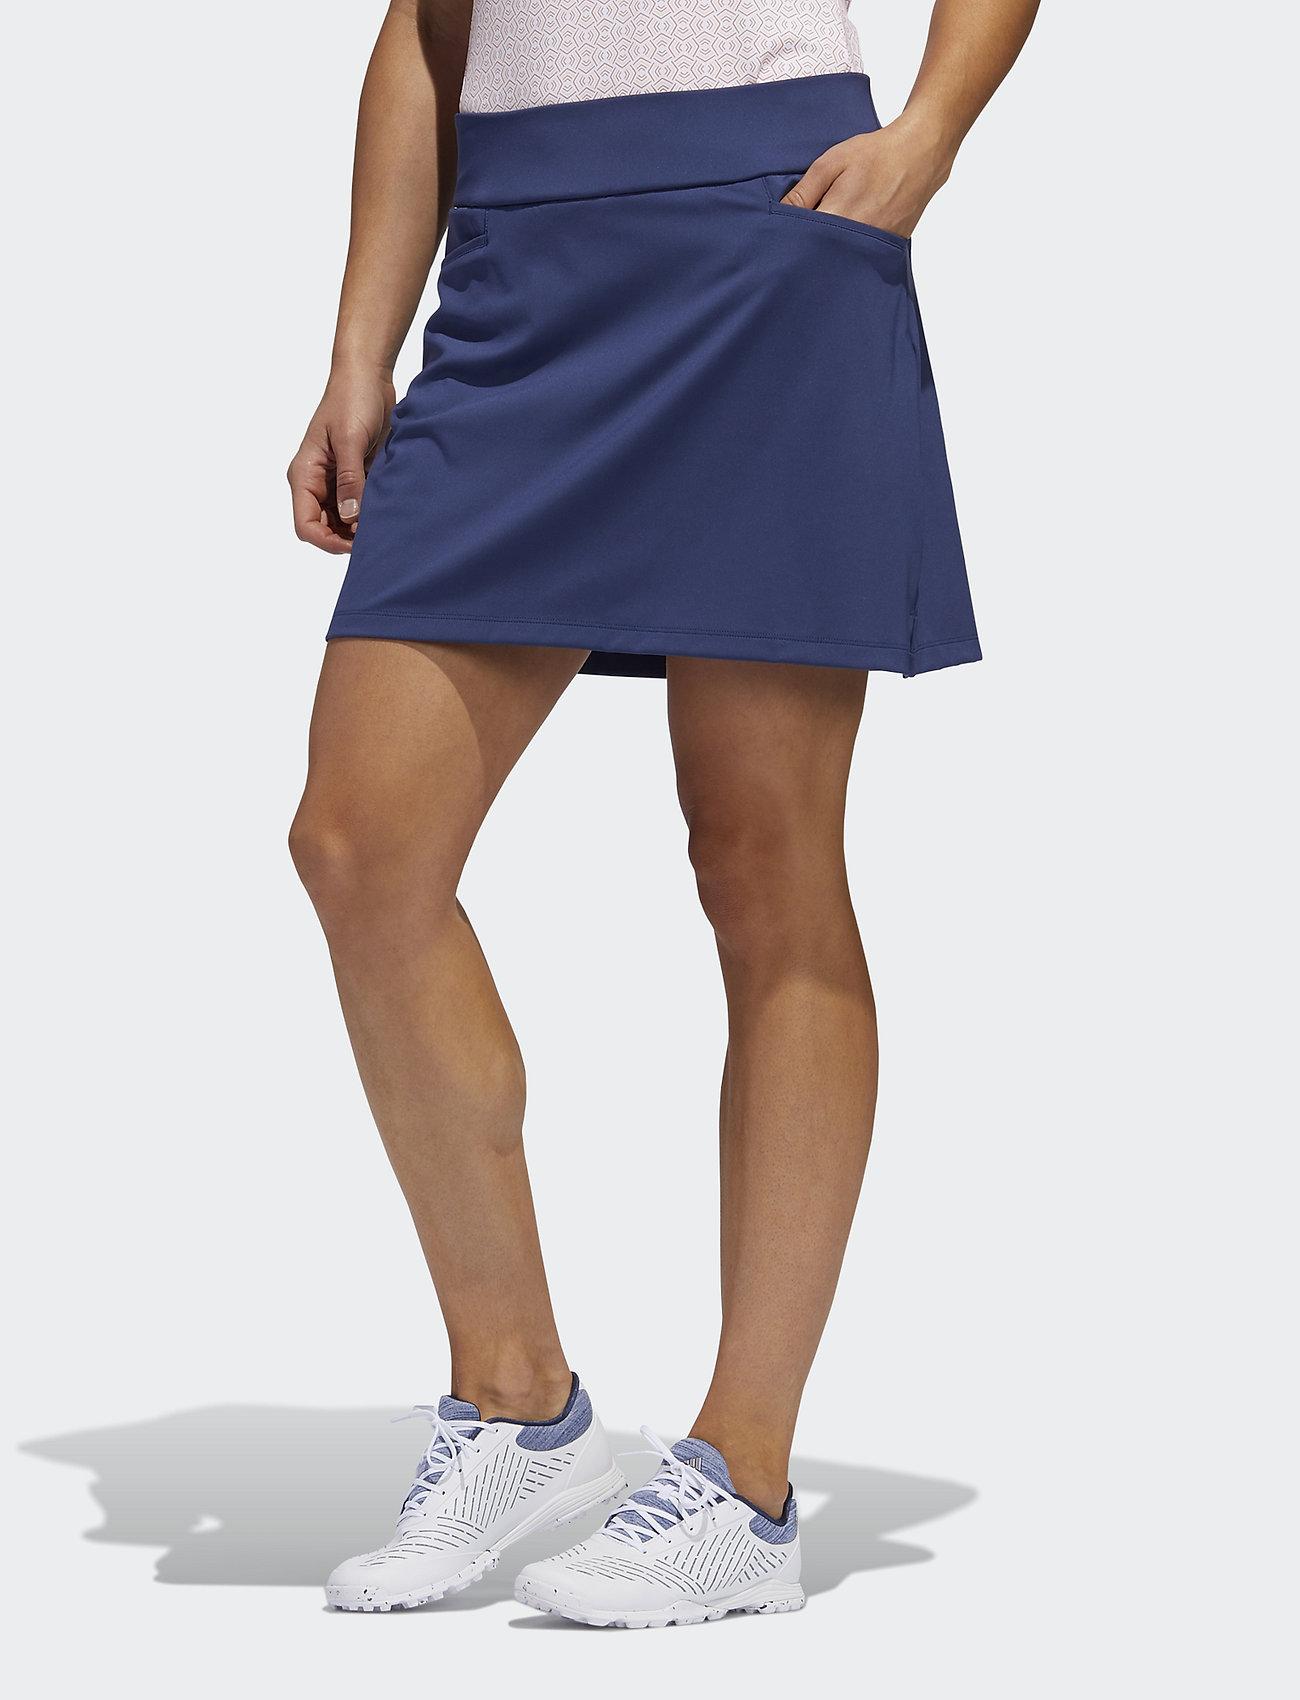 Adidas Golf W Sld Skt - Kjolar